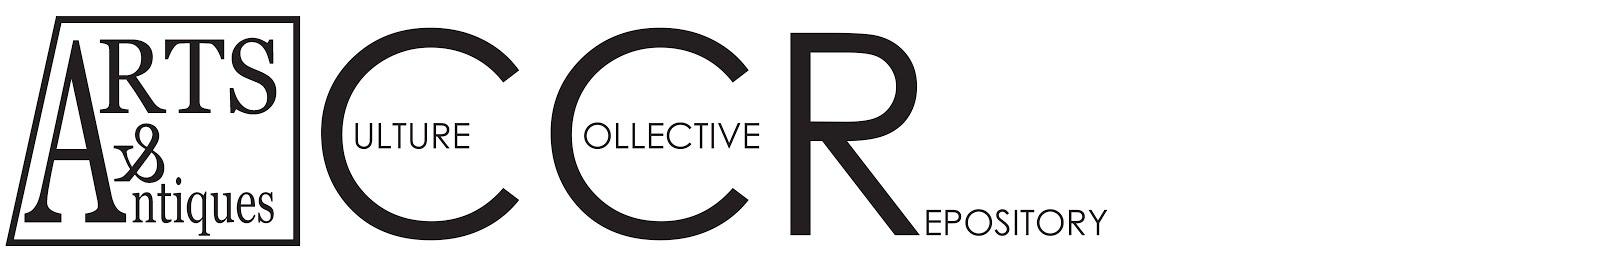 Arts&Antiques CCR